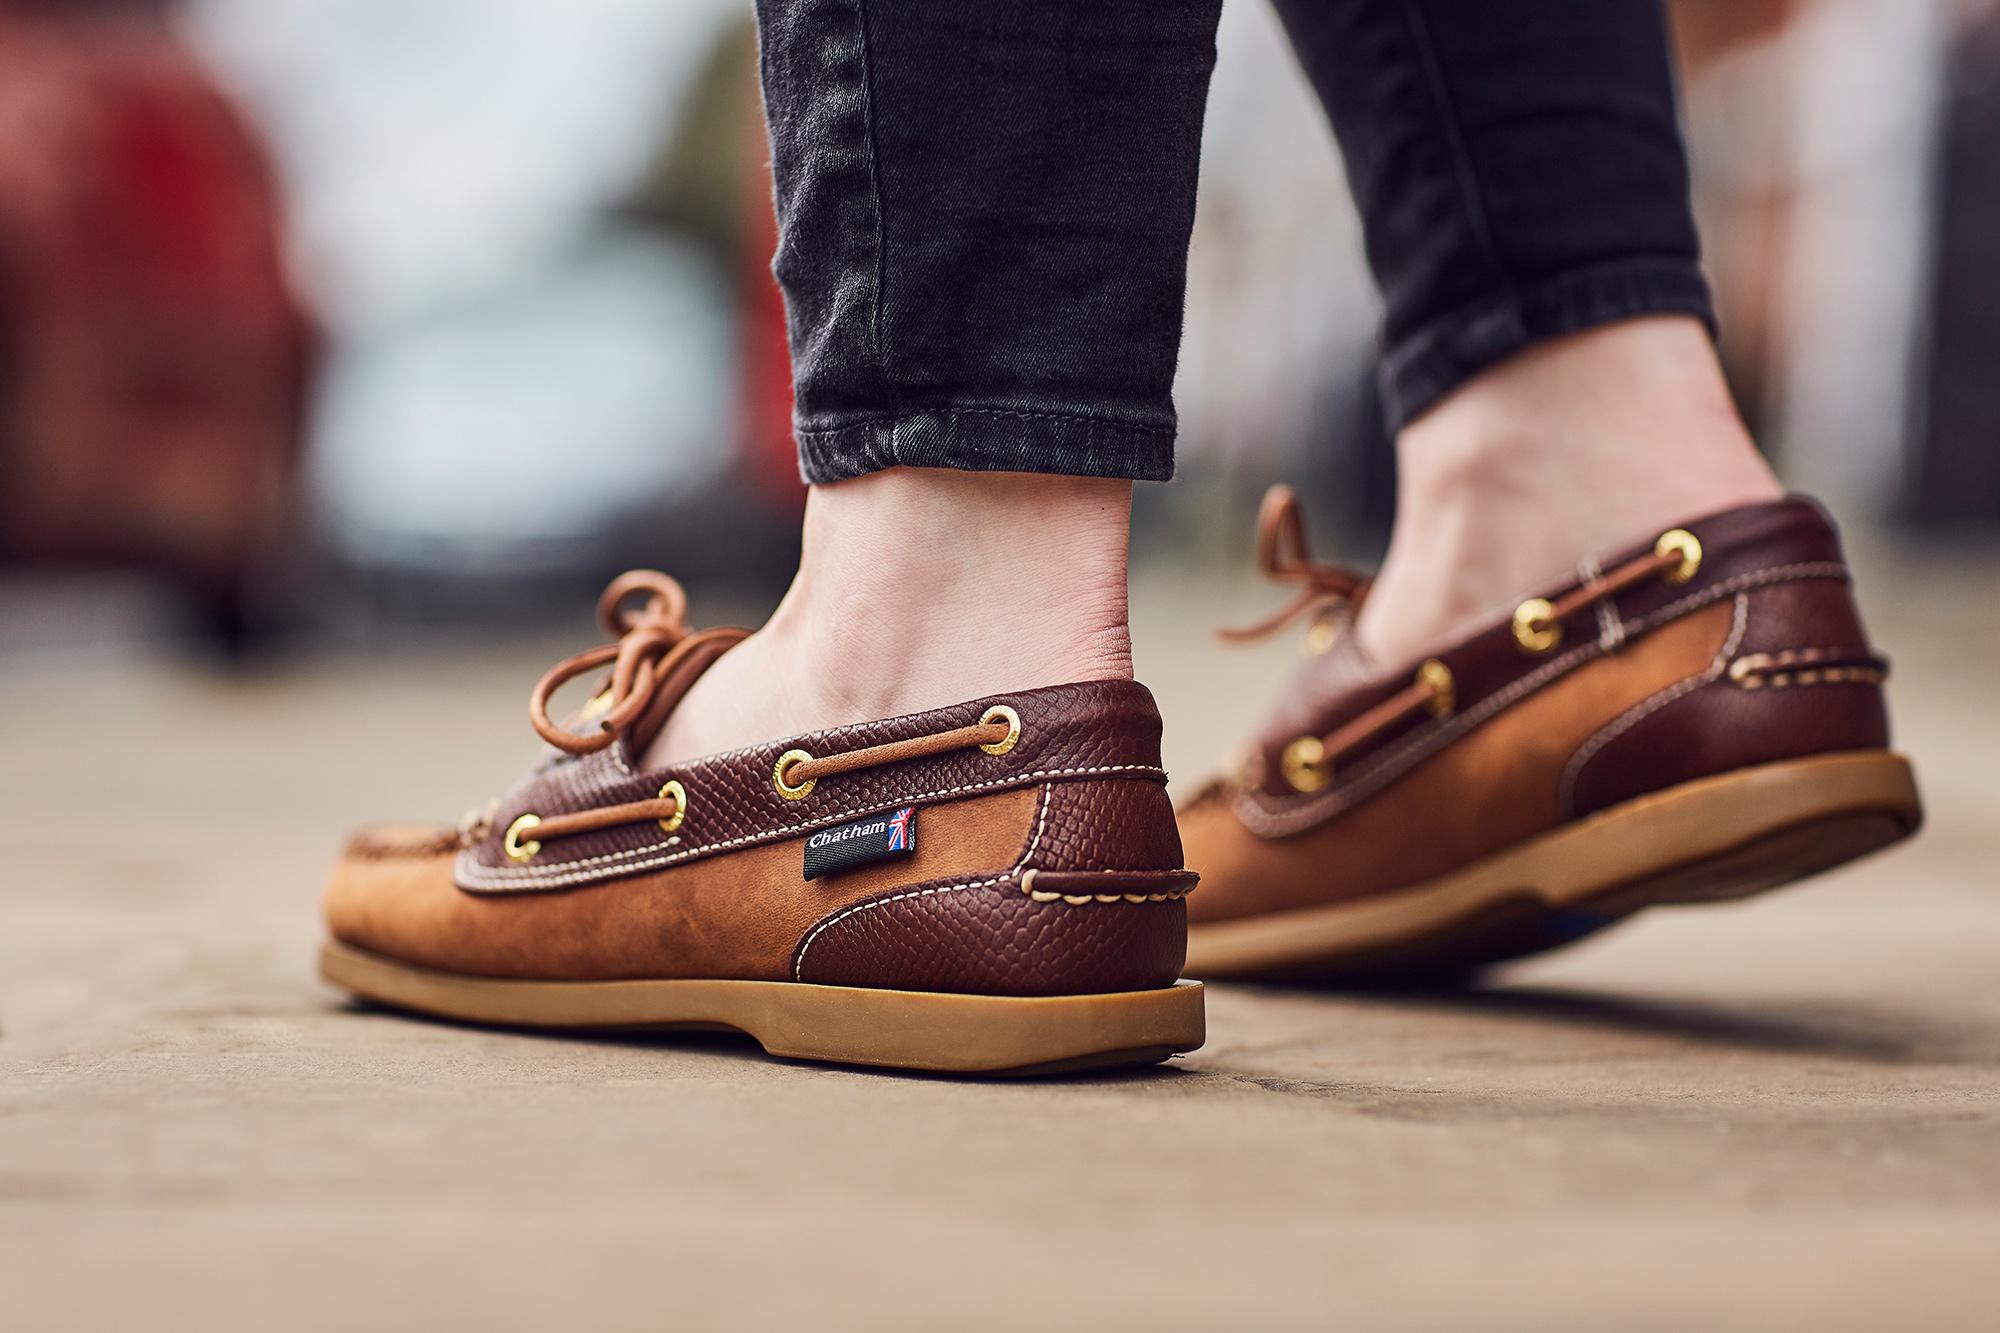 Chatham_footwear_51.jpg